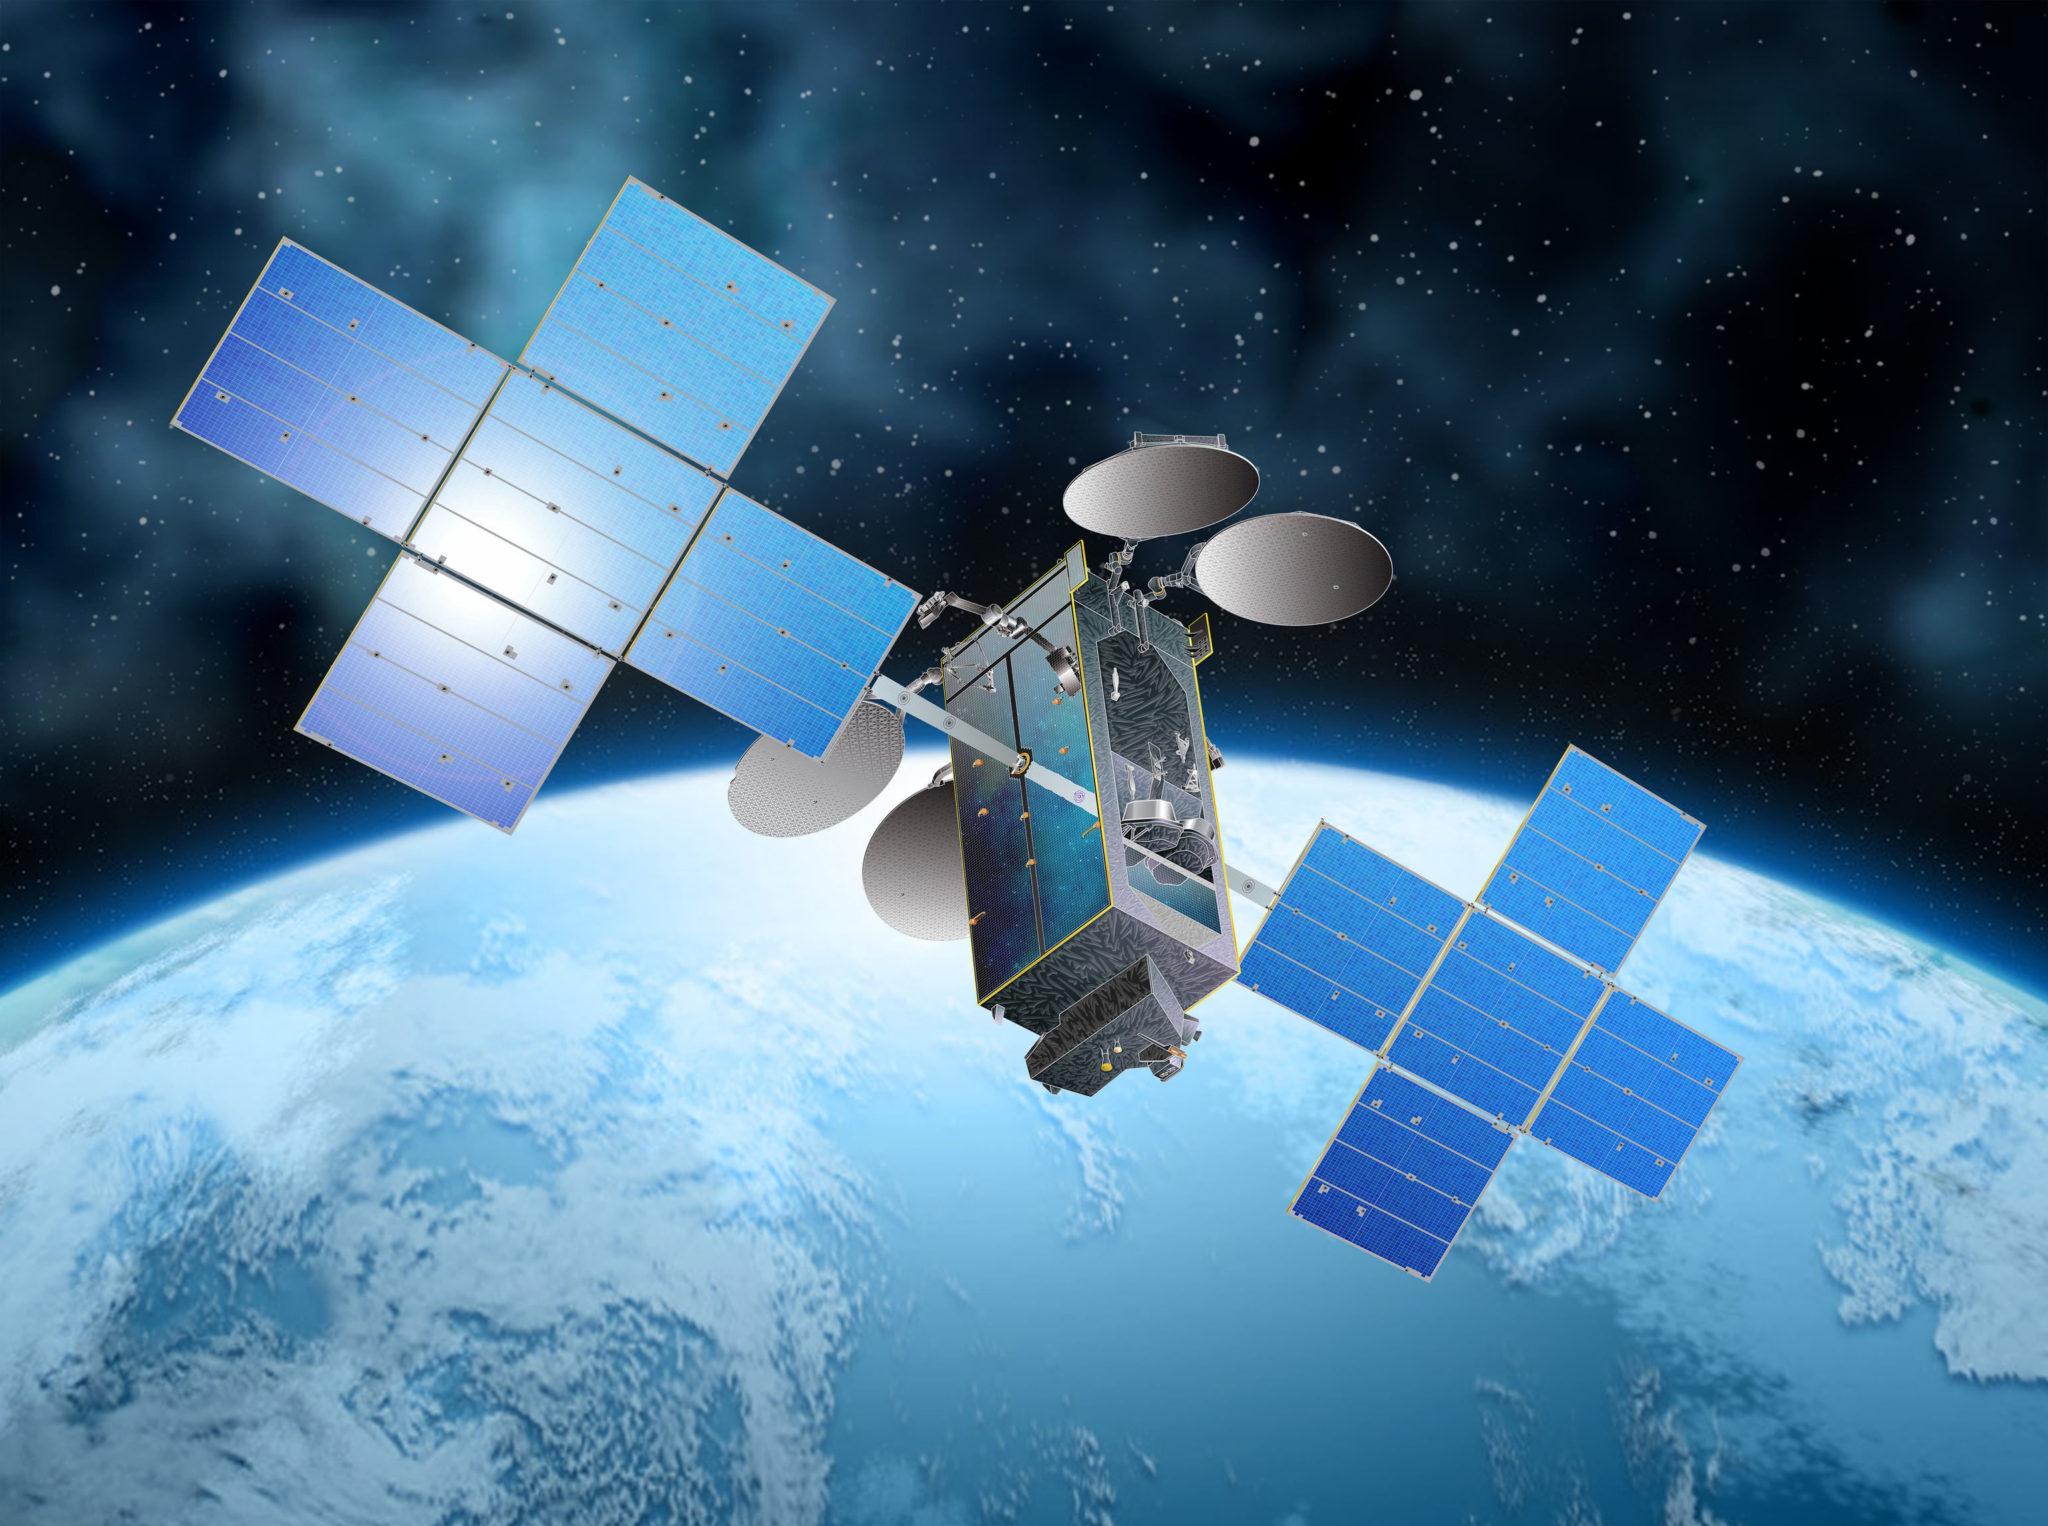 Echostar Buys Jupiter 3 Ultra High Density Satellite